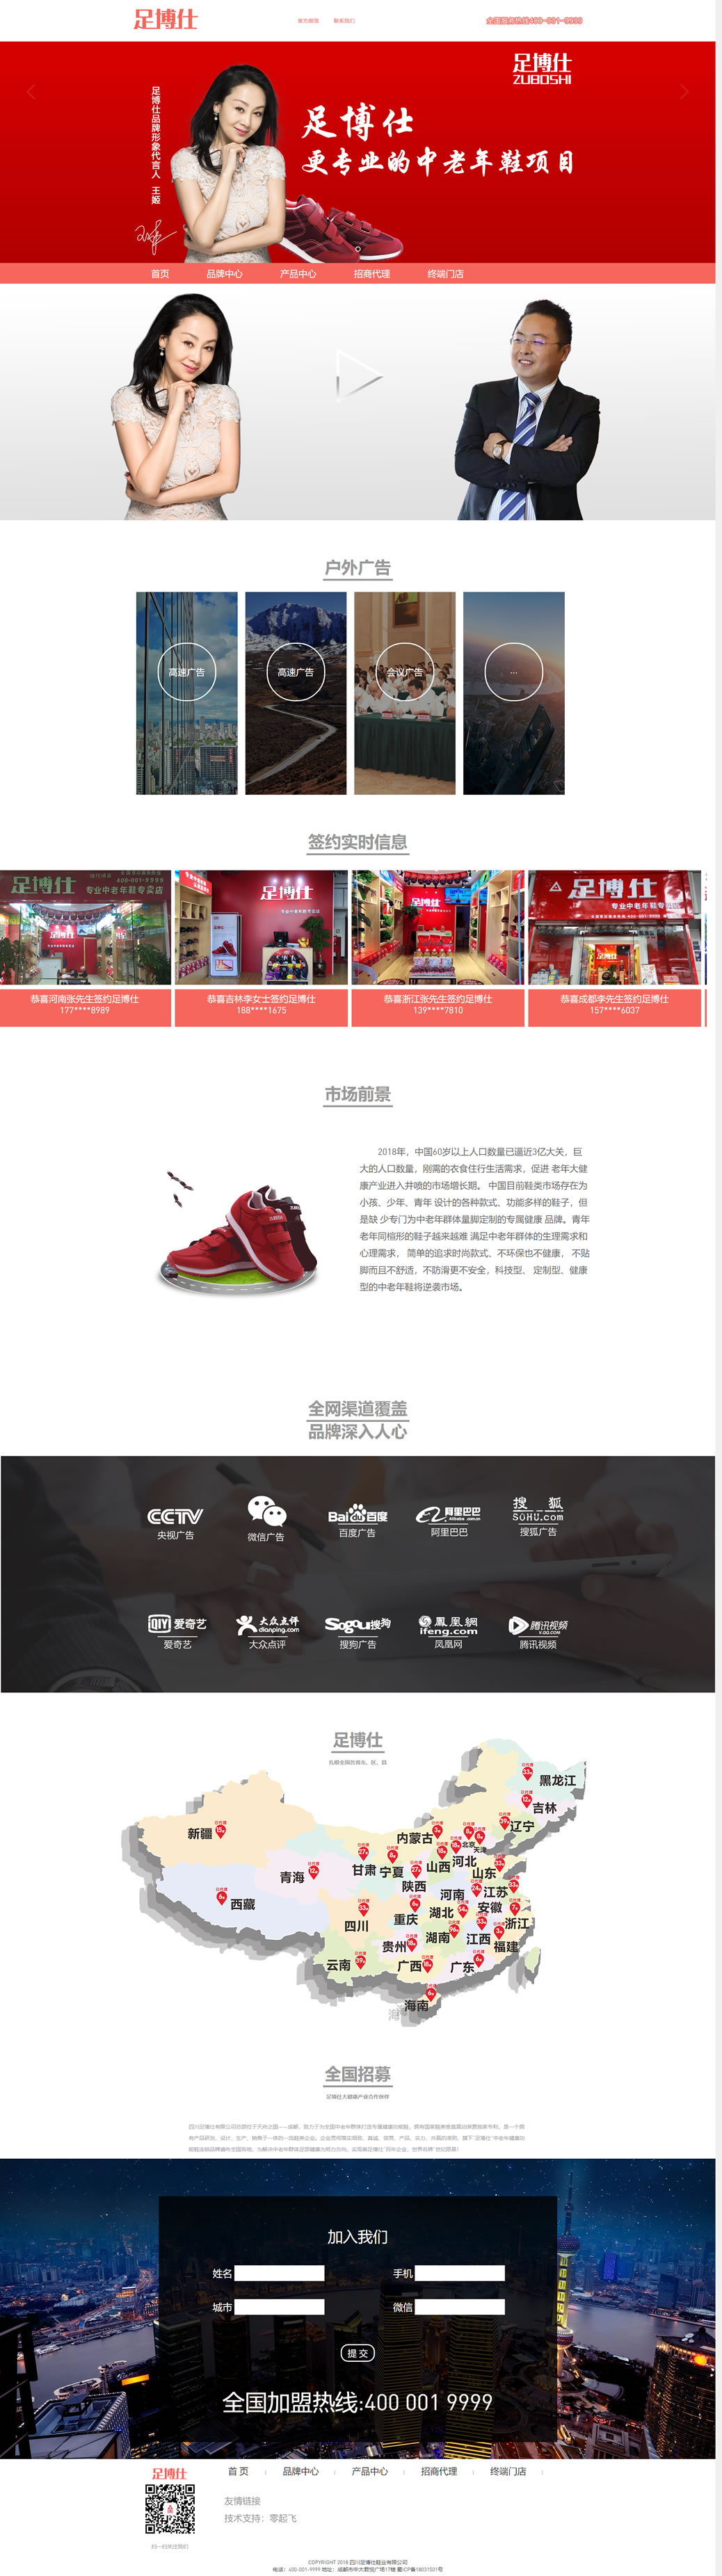 网站建设案例:四川足博仕鞋业招商网站